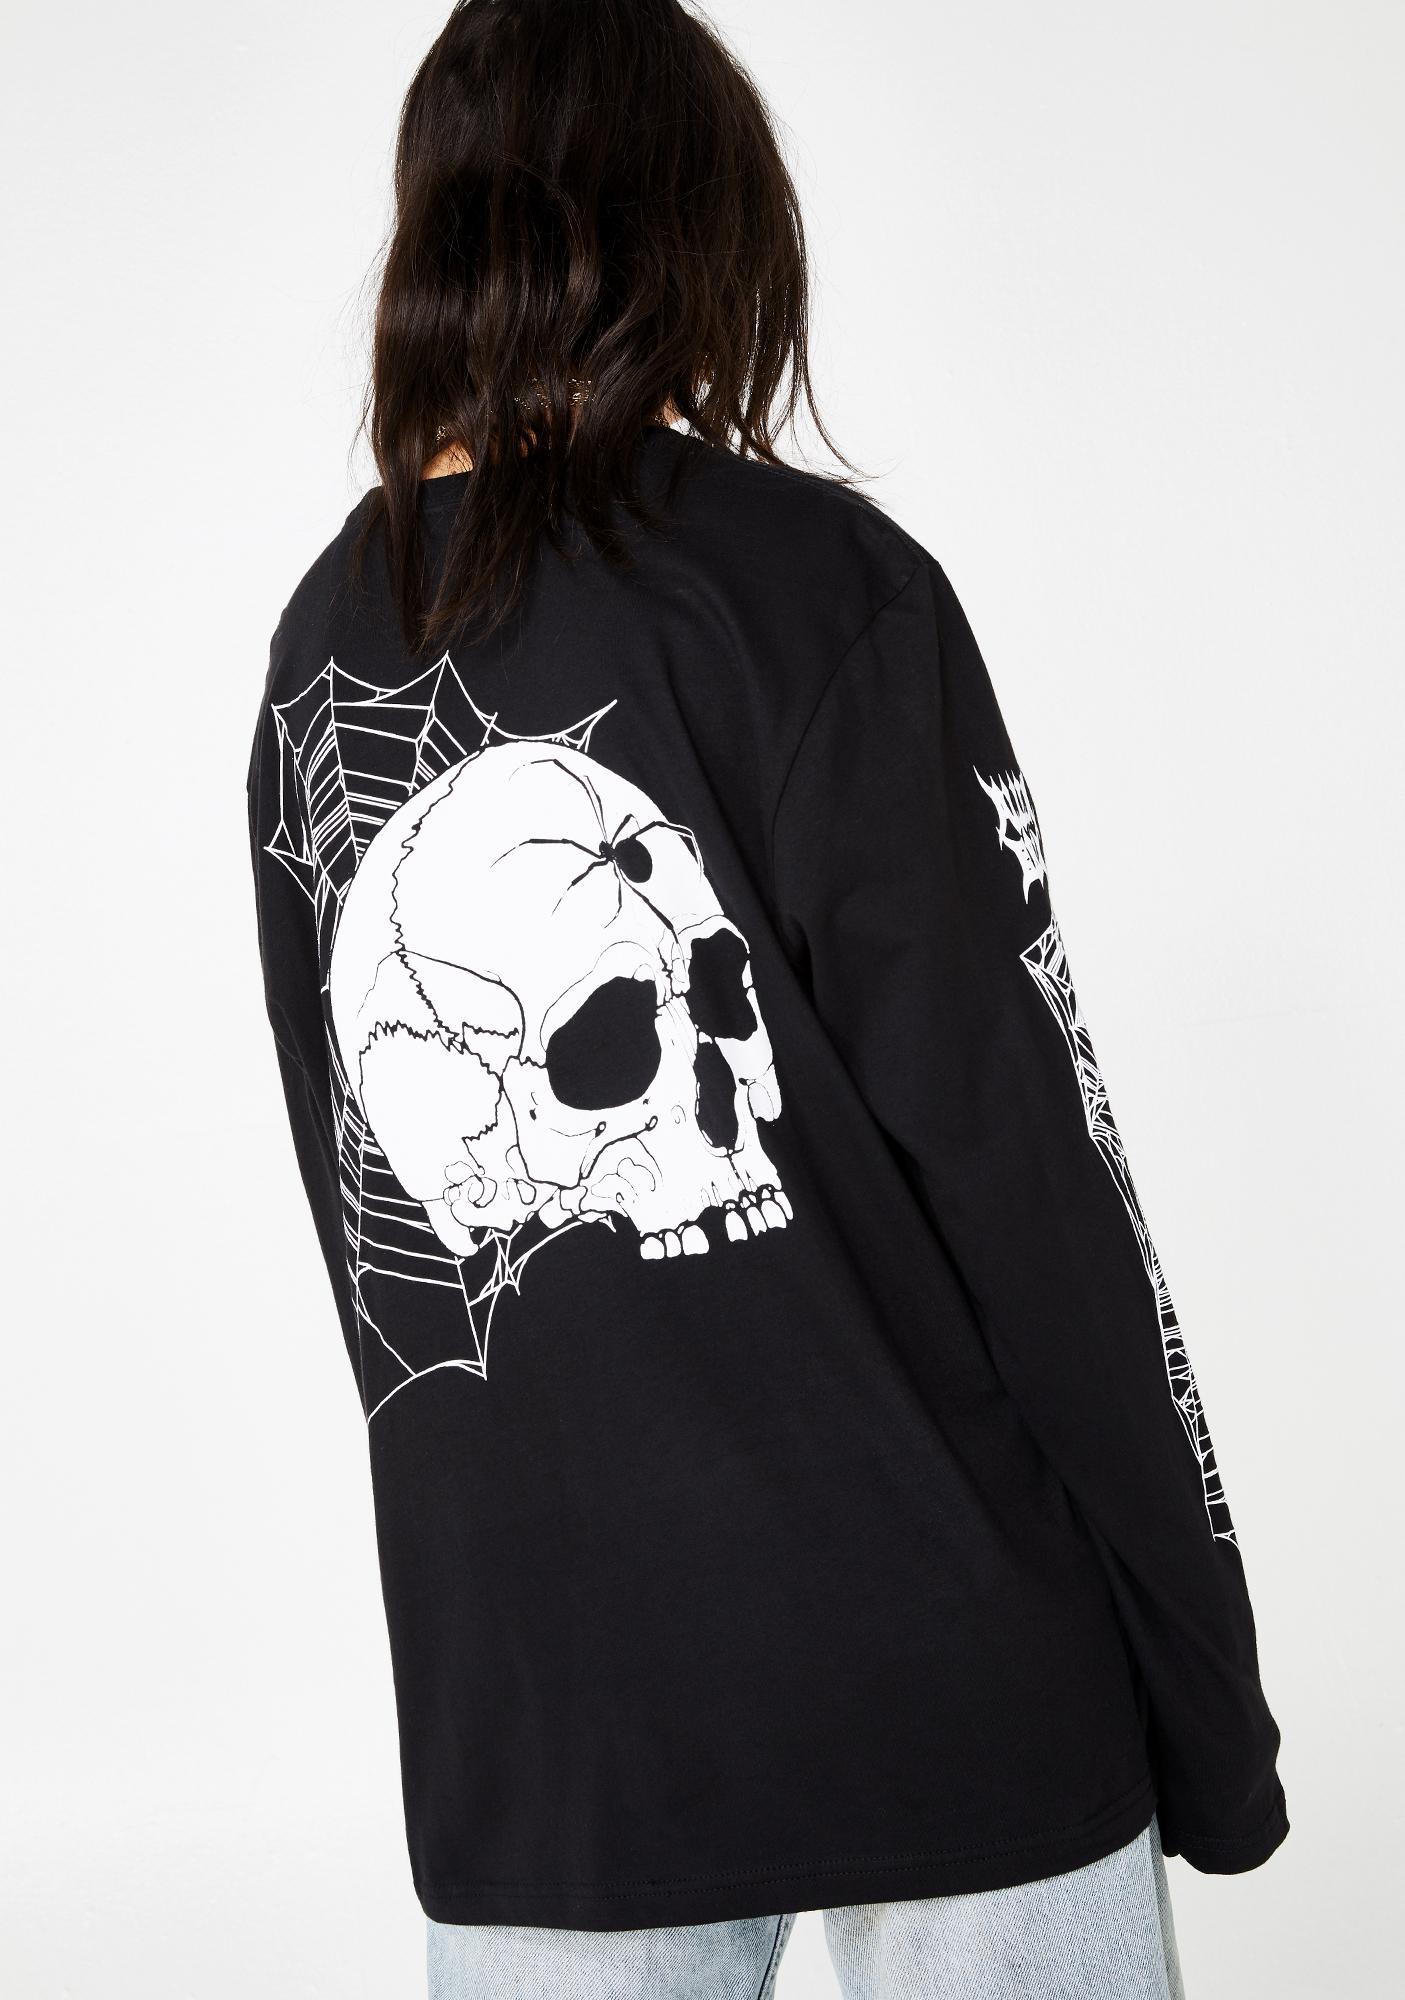 ALIEN BODY X Zac Scheinbaum Spider Skull Graphic Tee